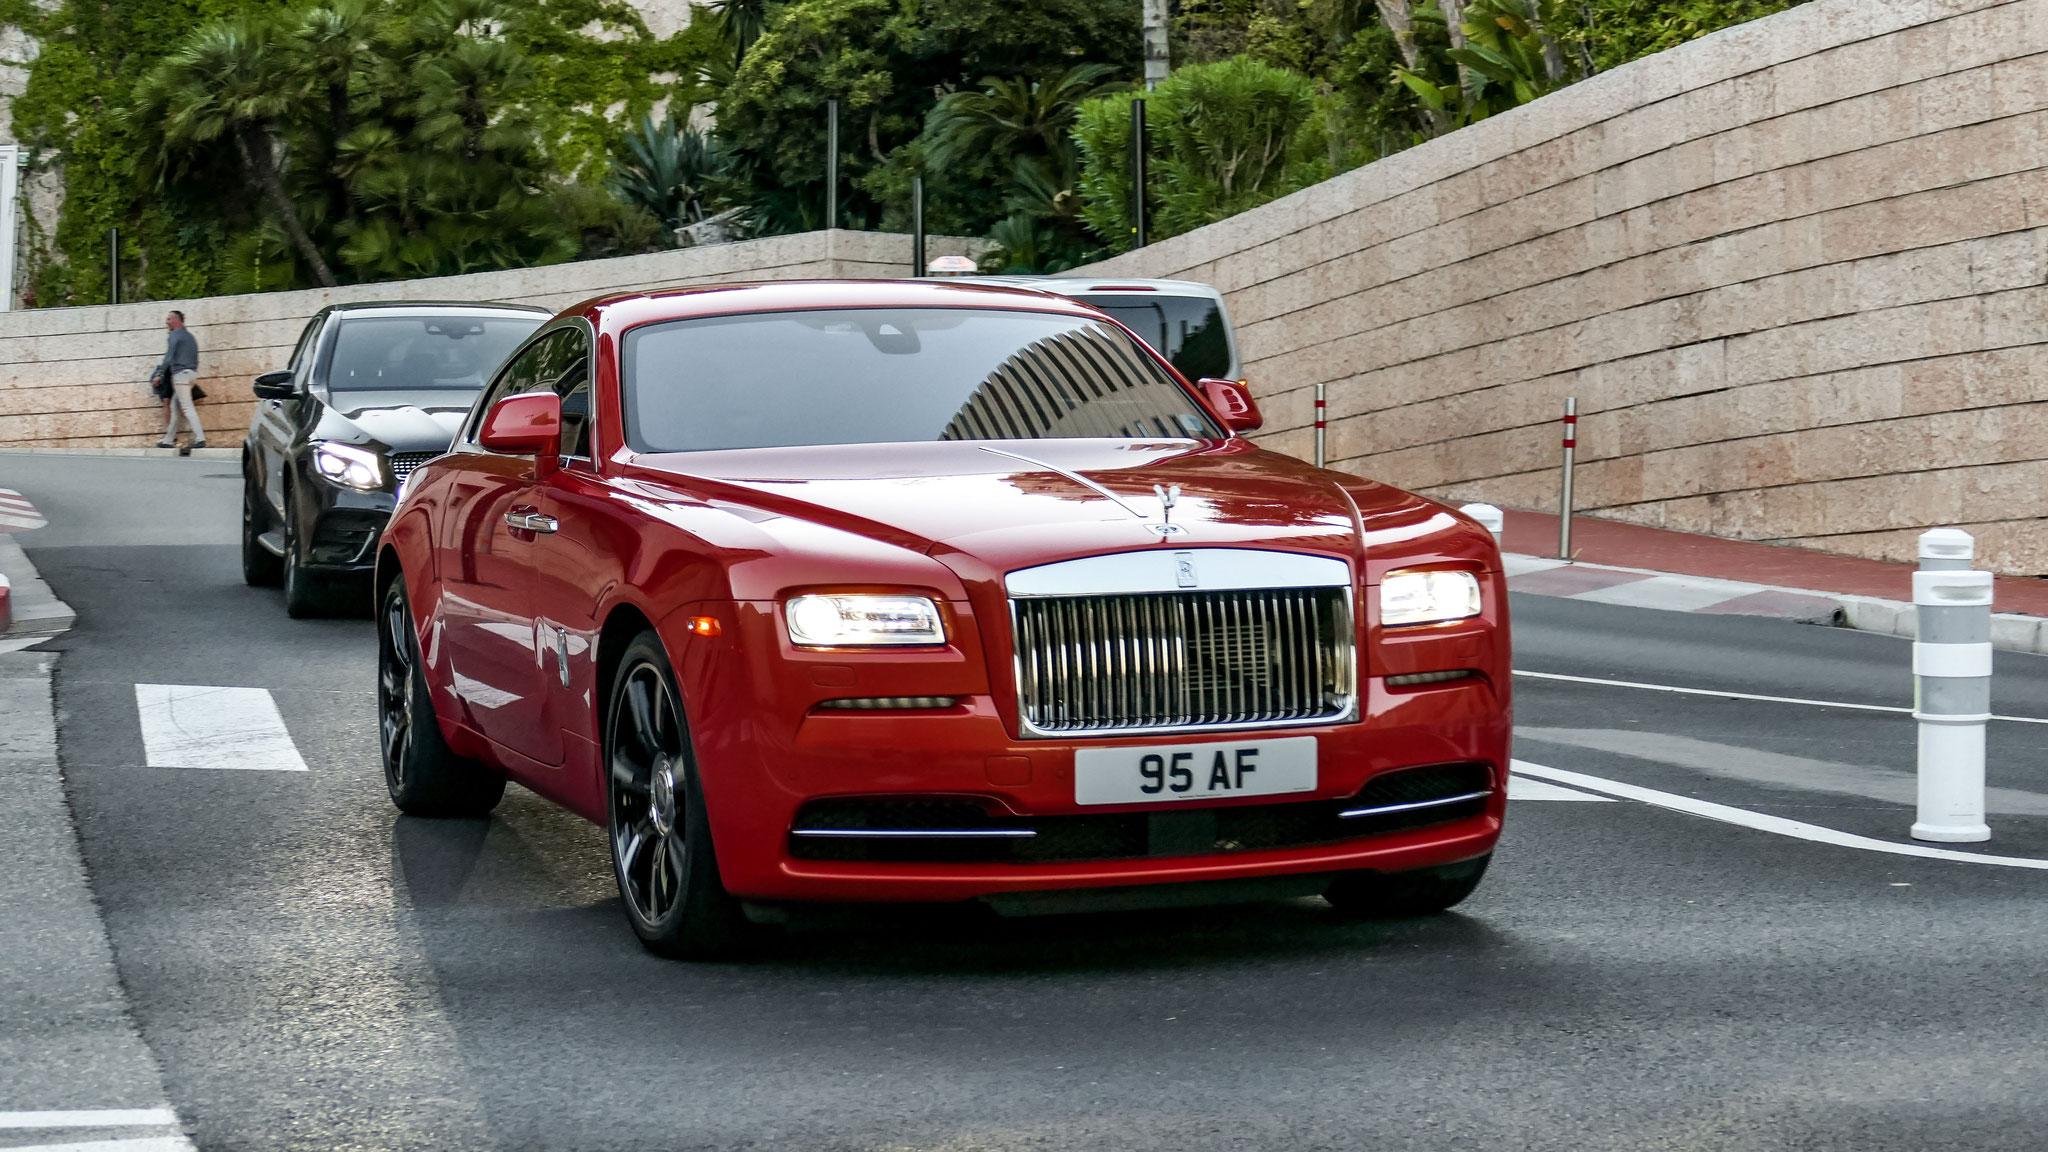 Rolls Royce Wraith - 95-AF (GB)